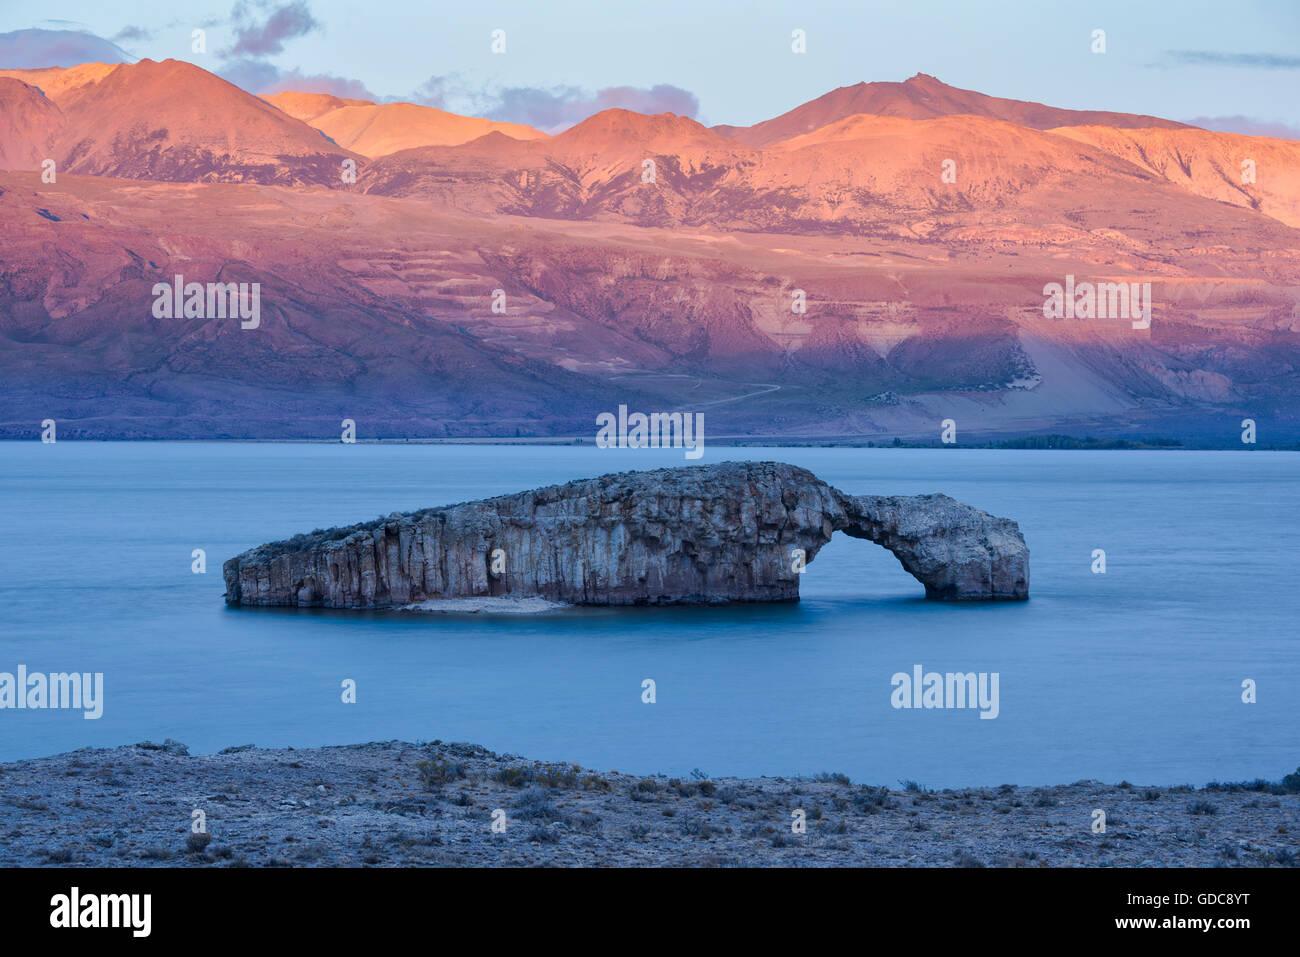 América del Sur,Argentina,Santa Cruz, Patagonia,Lago Posadas Imagen De Stock